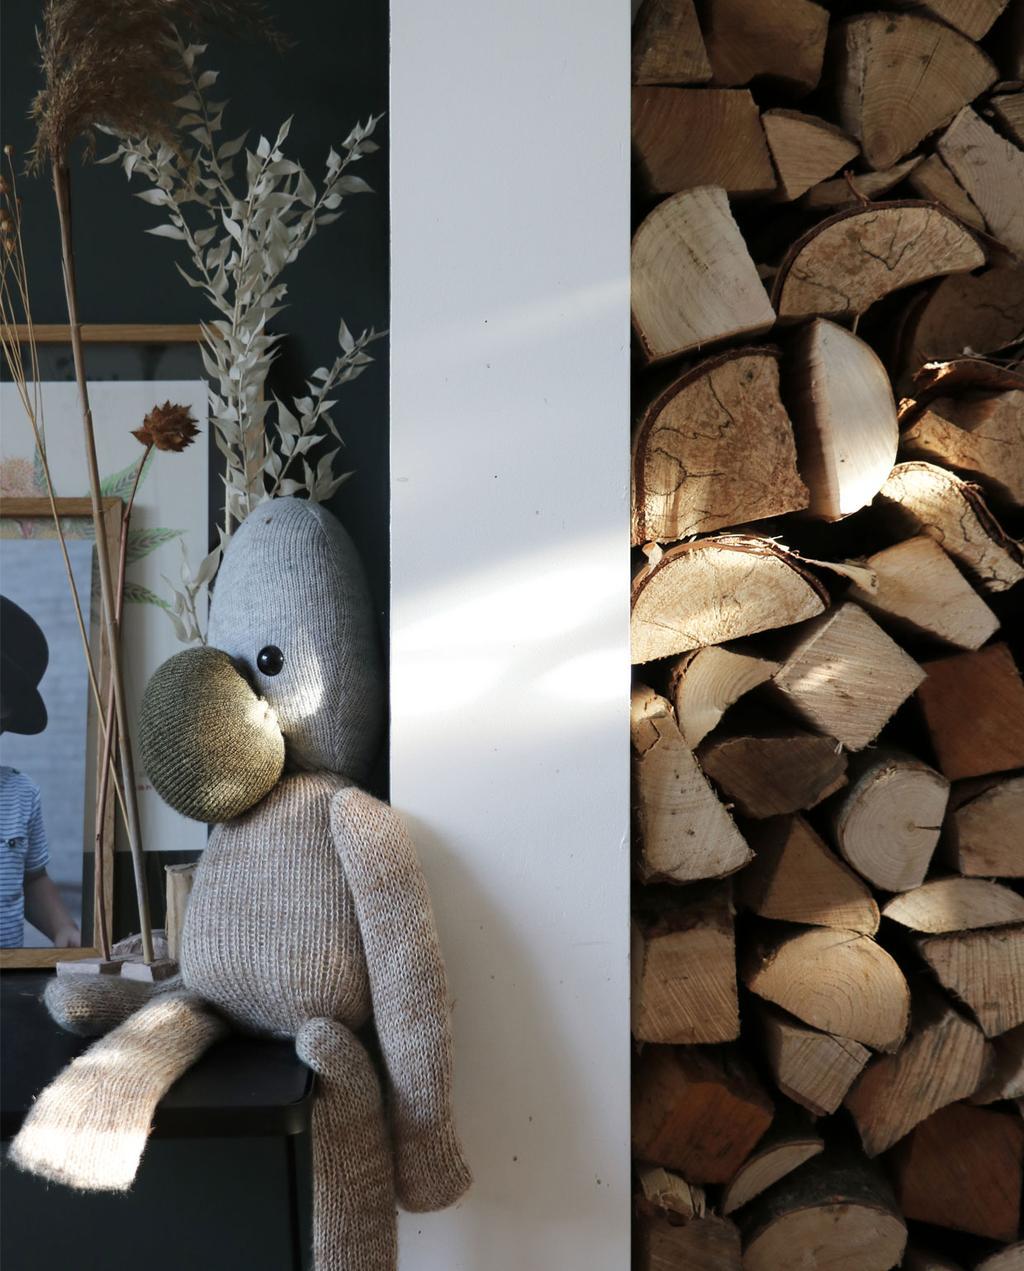 vtwonen en marktplaats   de interieurvondst van rolien: ronde uitschuifbare tafel   houtblokken opgestapeld in modern hoekje